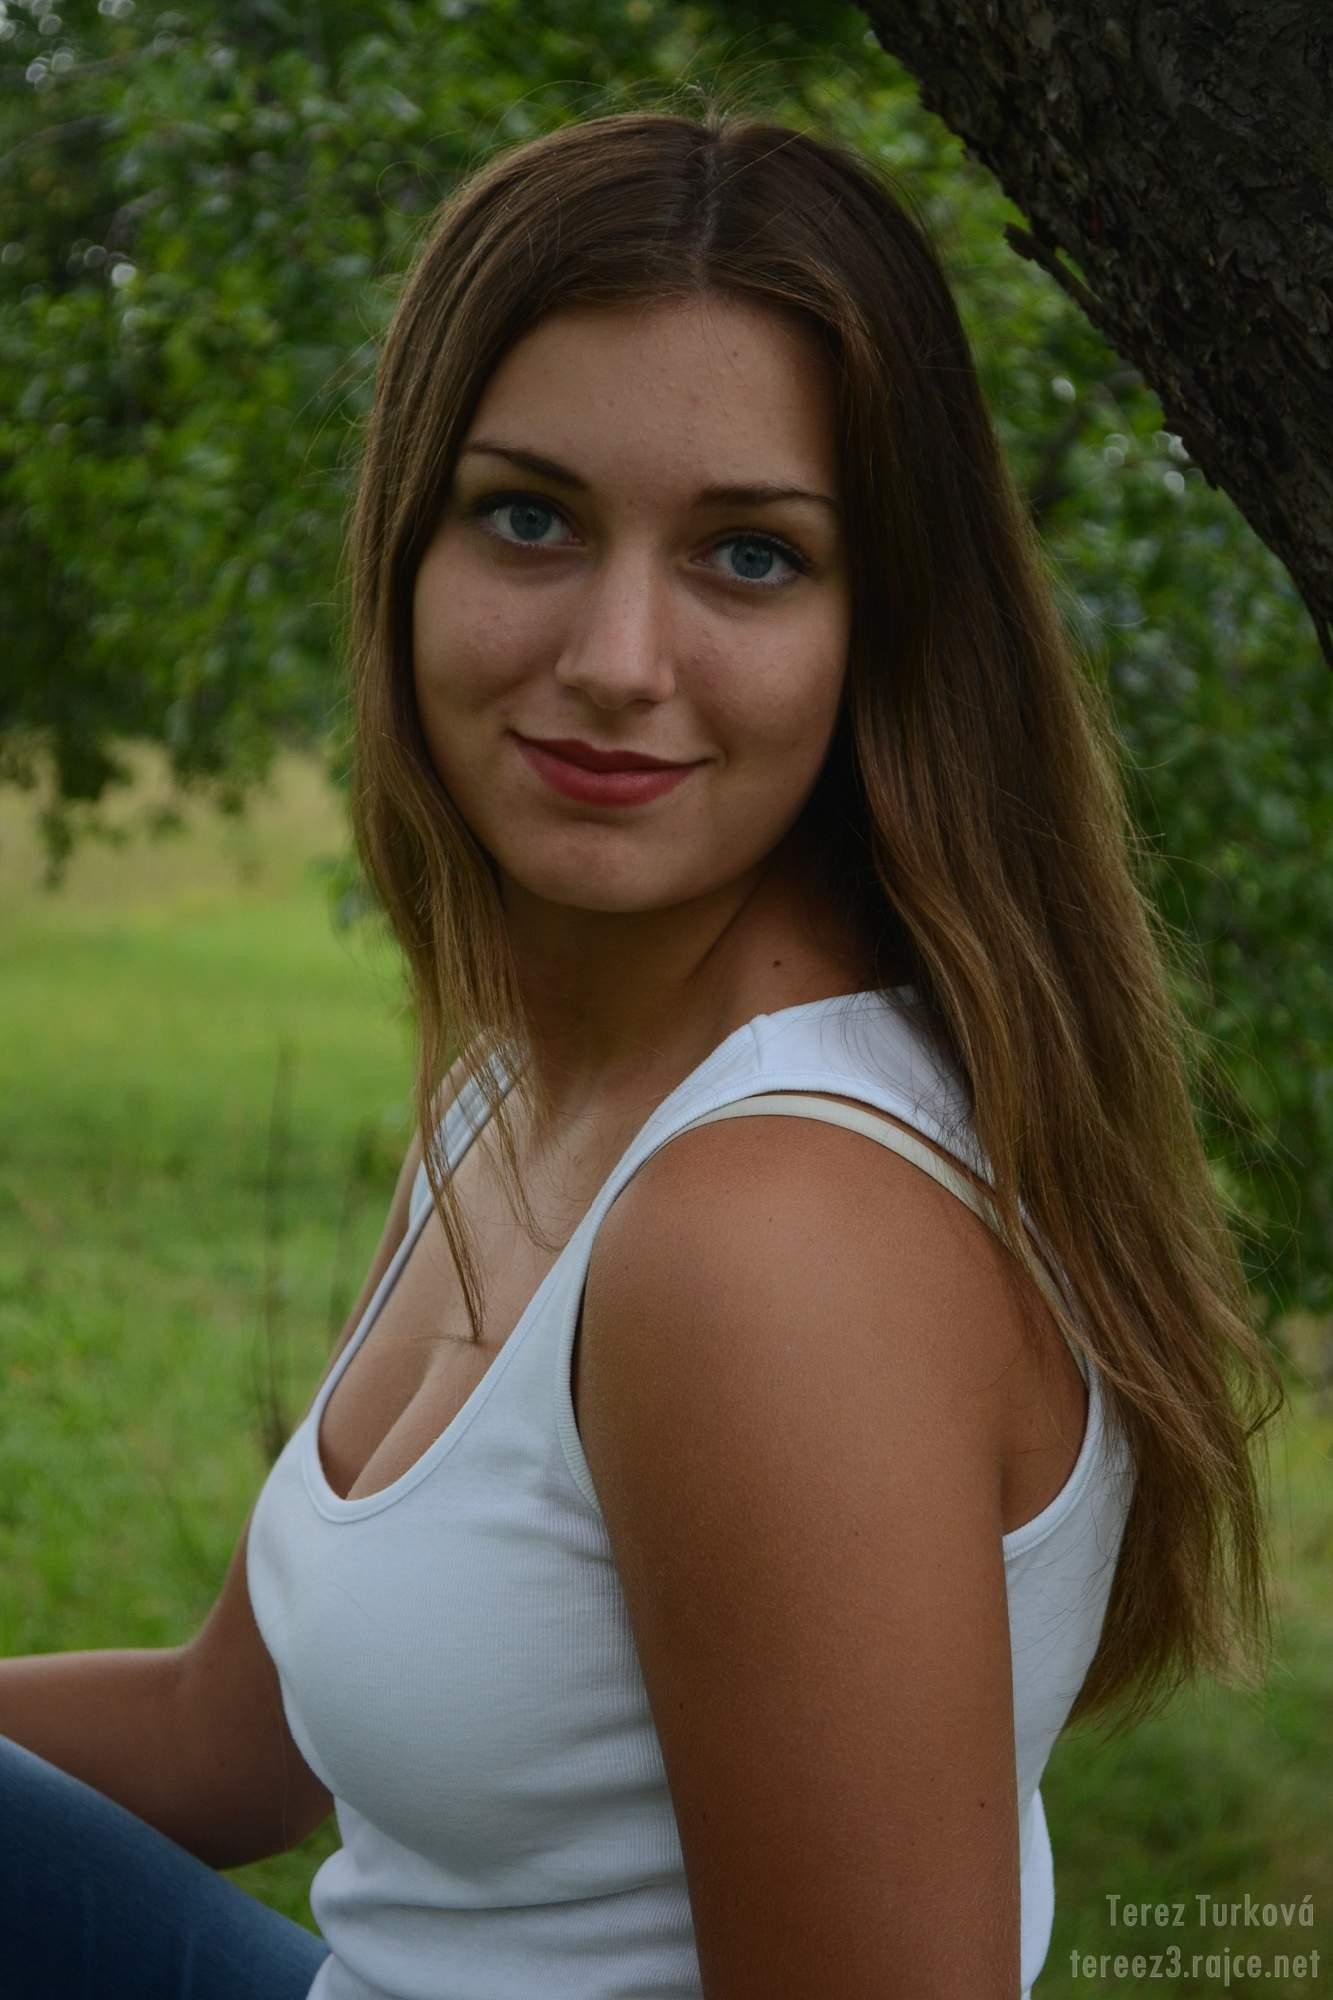 Nikča S. - srpen 2014 - Terez - album na Rajčeti